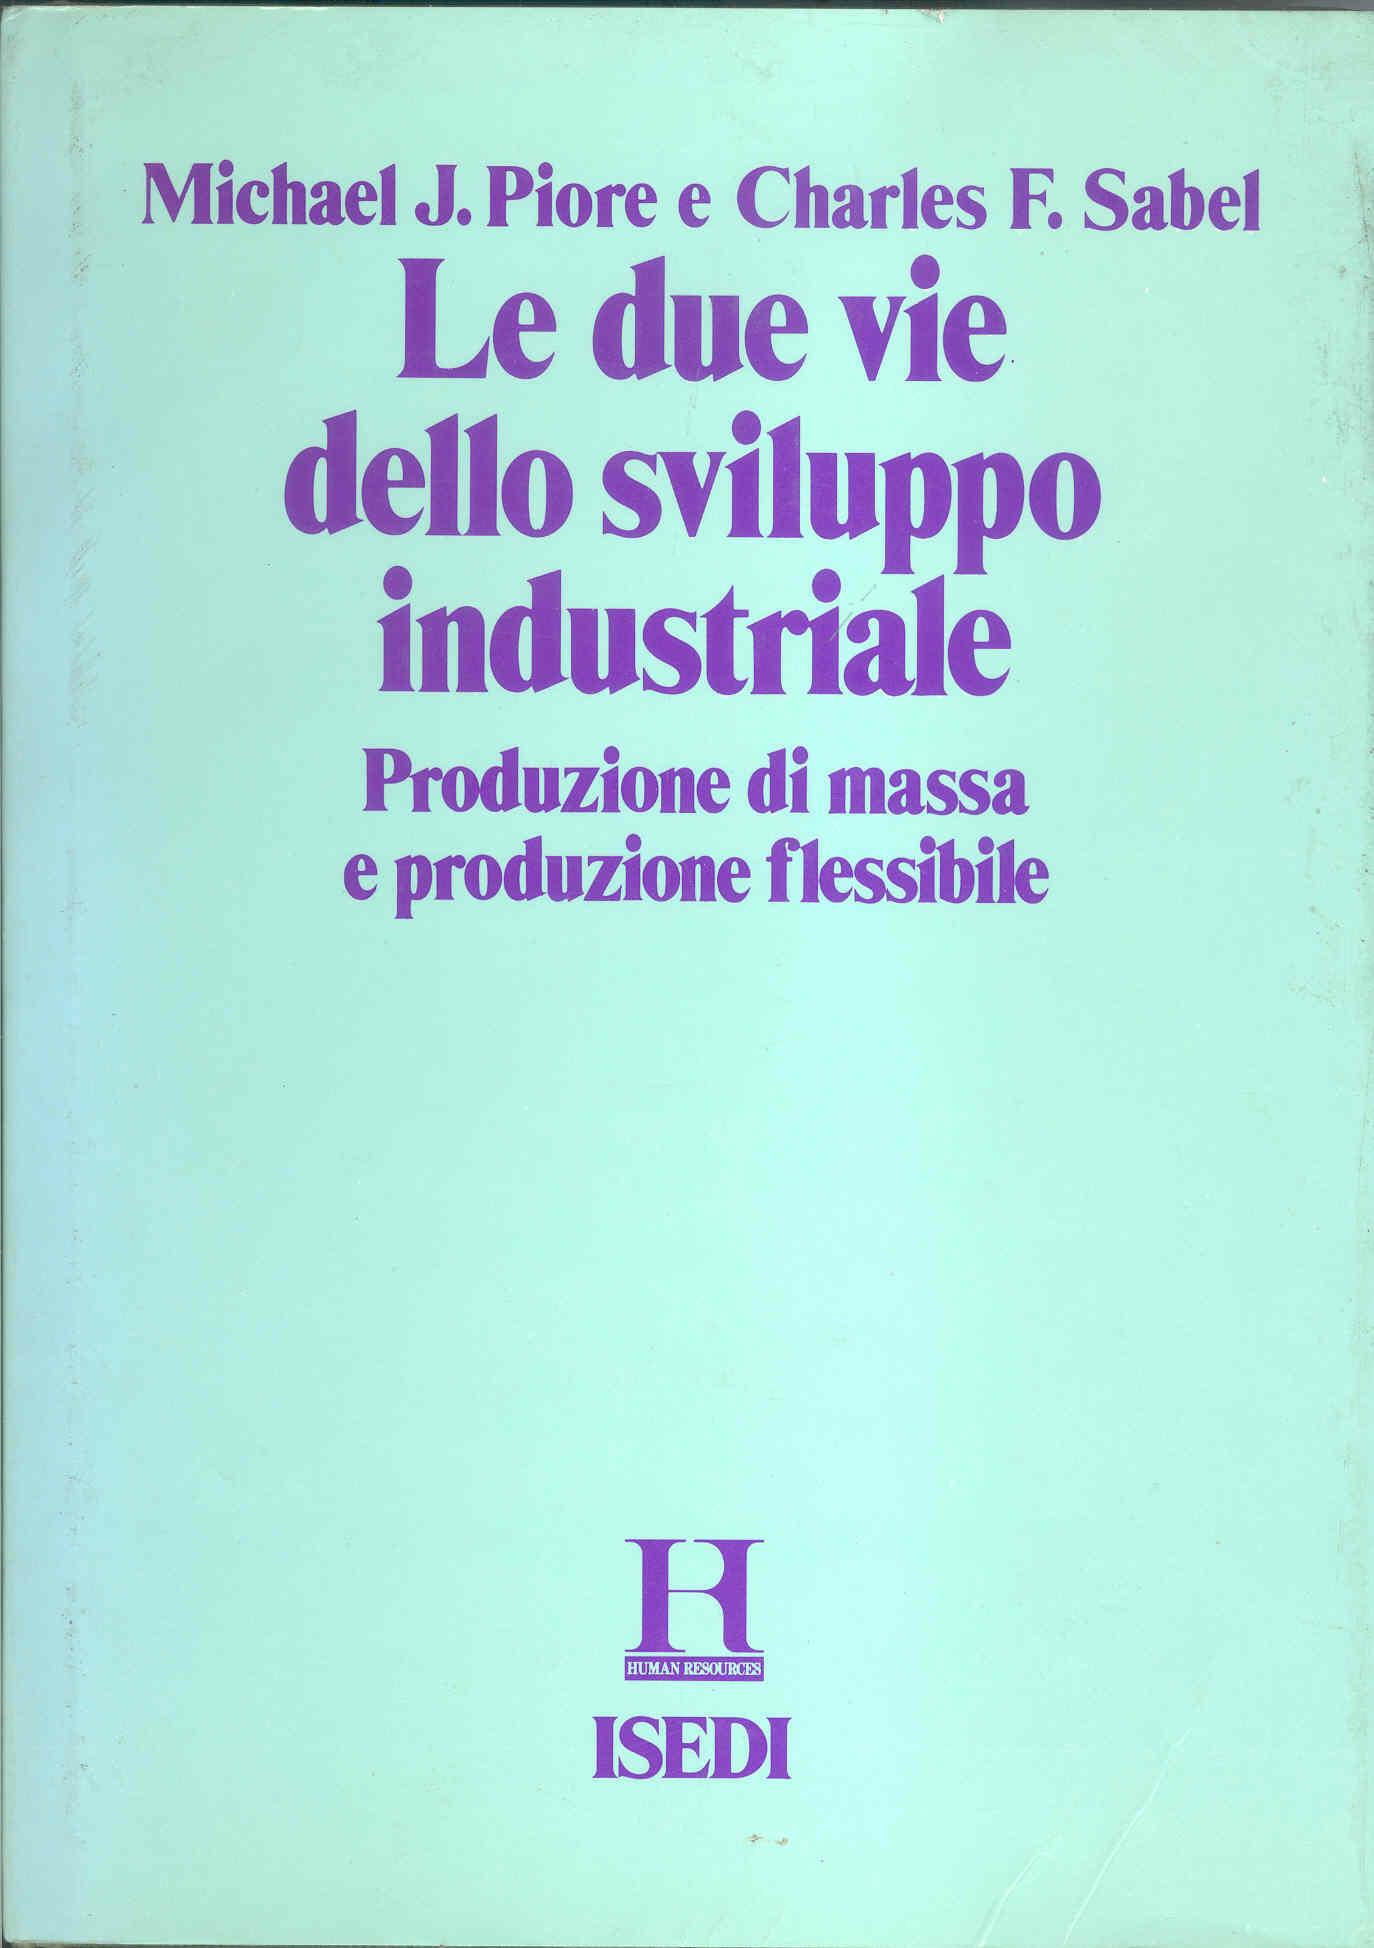 Le due vie dello sviluppo industriale